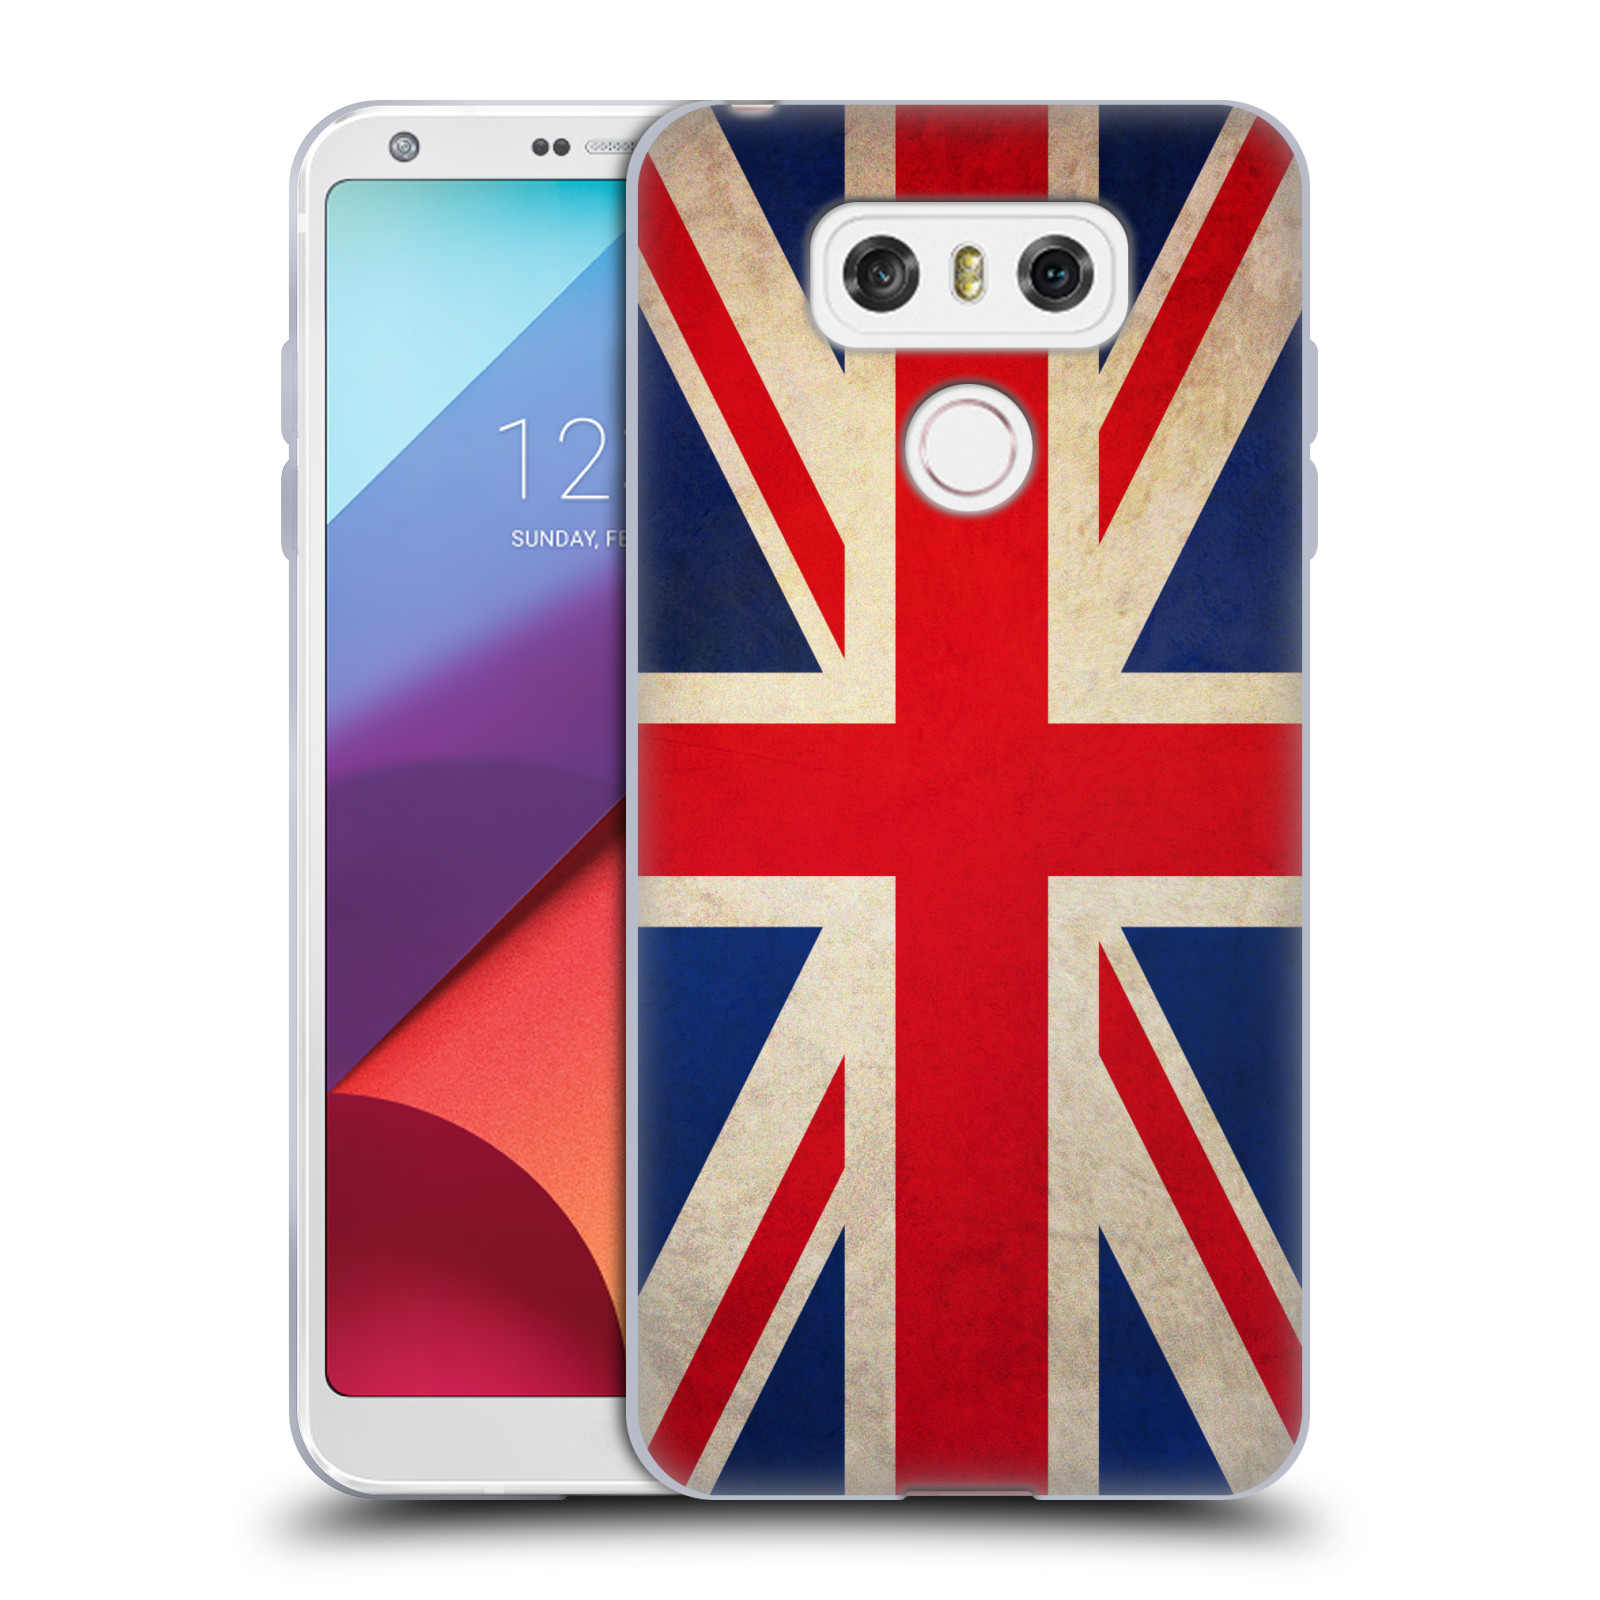 Silikonové pouzdro na mobil LG G6 - Head Case VLAJKA VELKÁ BRITÁNIE (Silikonový kryt či obal na mobilní telefon LG G6 H870 / LG G6 Dual SIM H870DS)